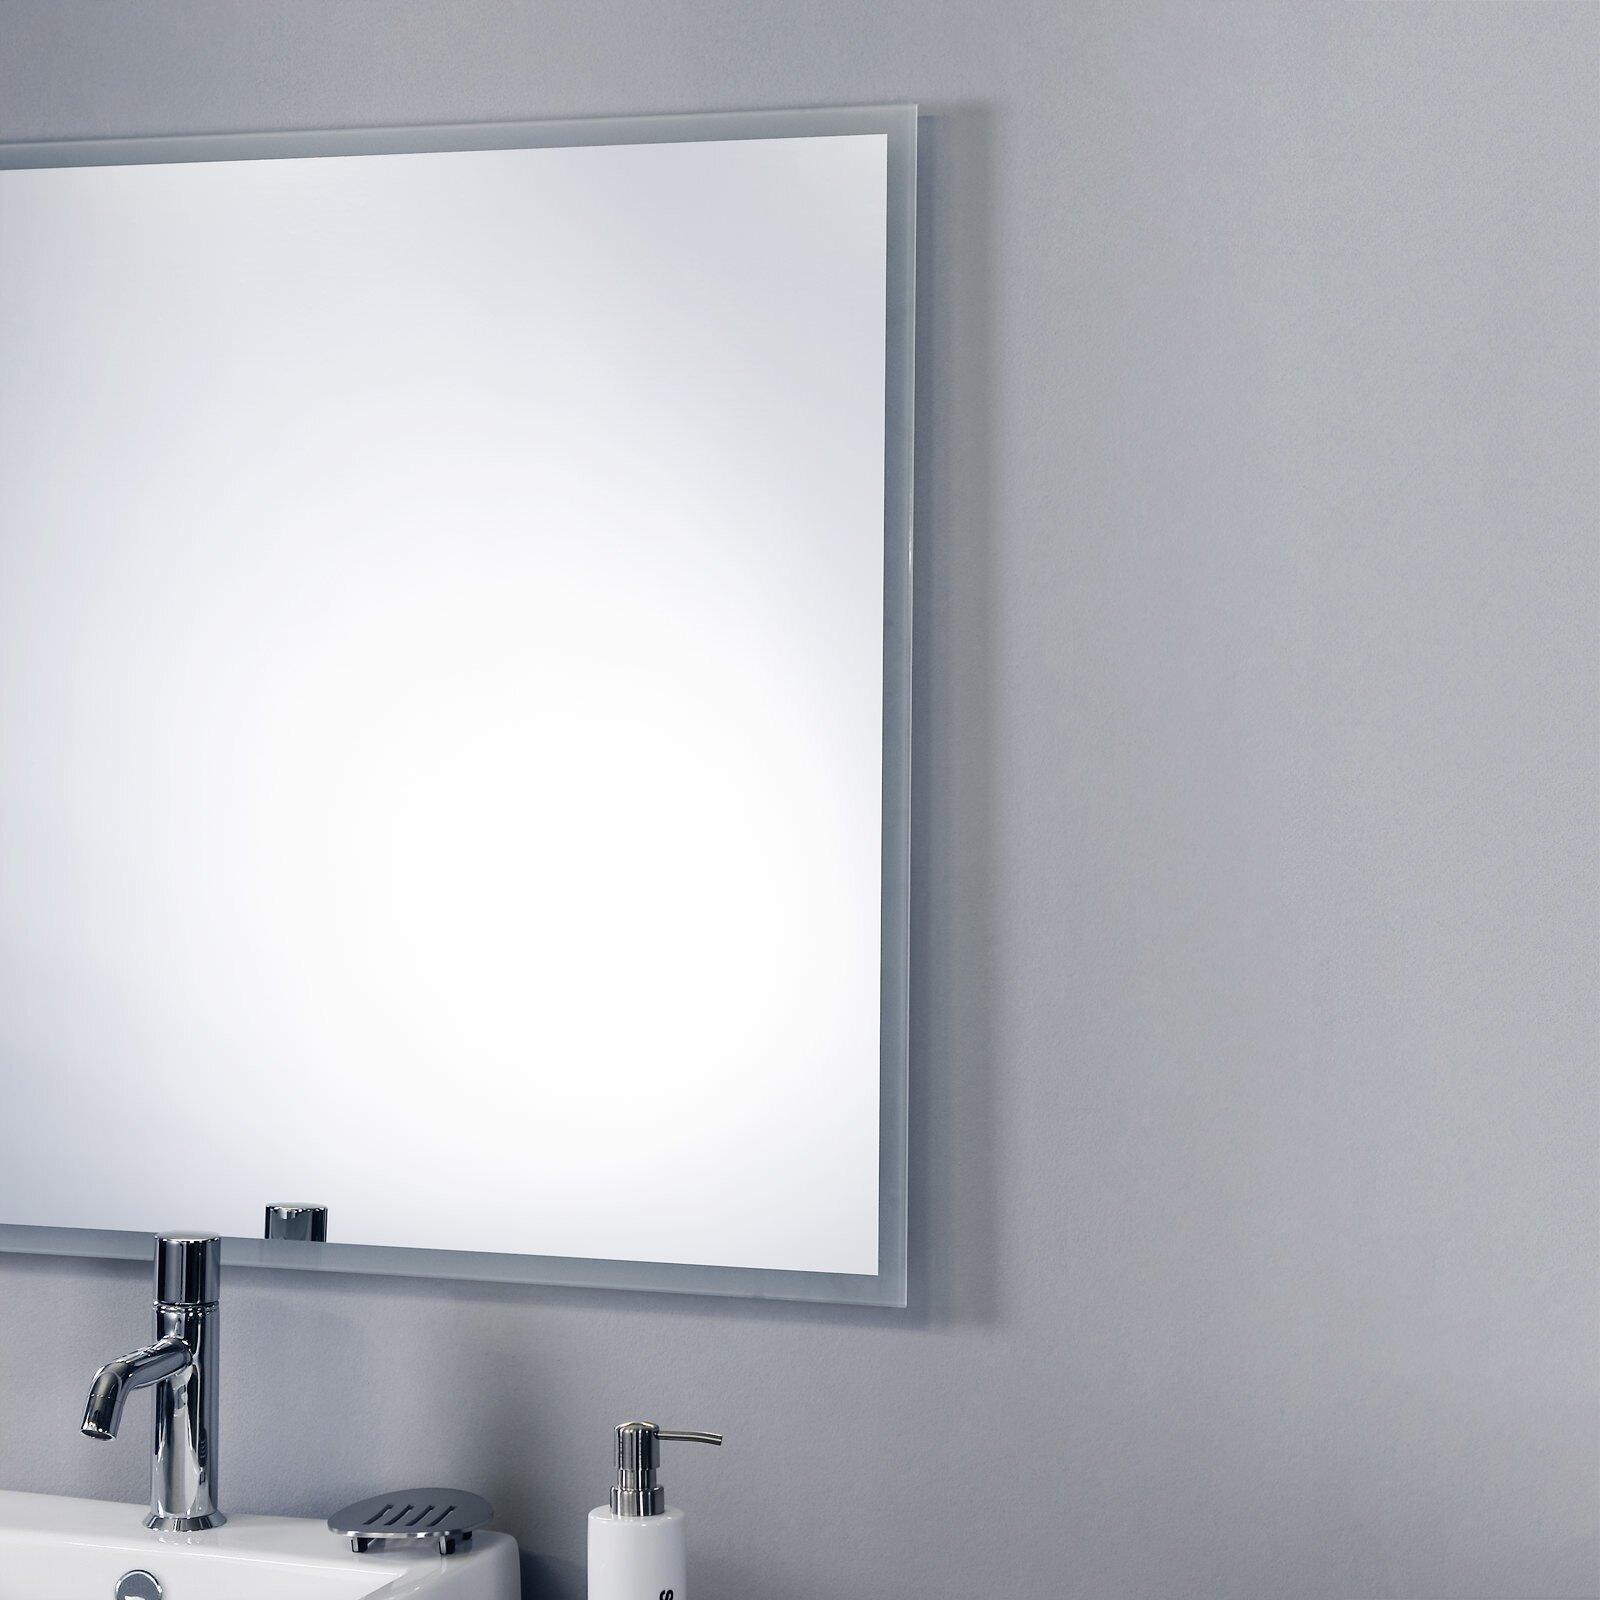 Badspiegel Basic Frame Von Schreiber Design